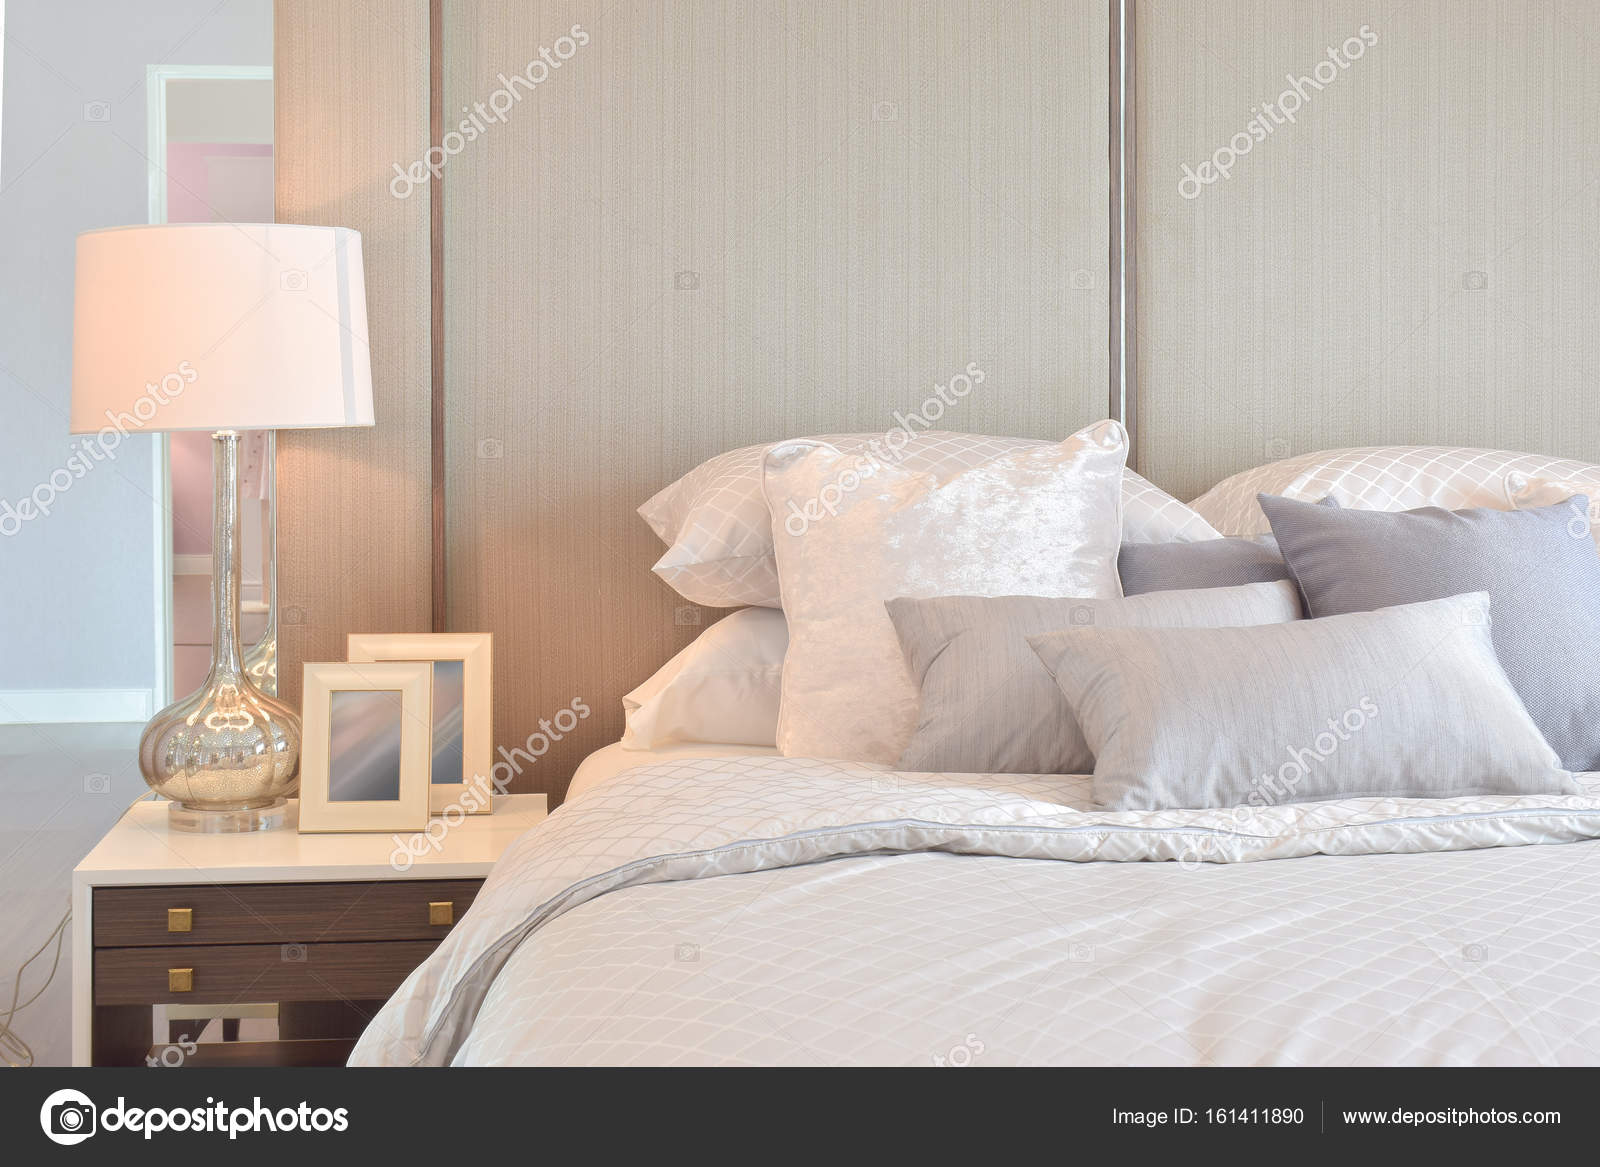 https://st3.depositphotos.com/6200870/16141/i/1600/depositphotos_161411890-stockafbeelding-klassieke-slaapkamer-interieur-met-kussens.jpg